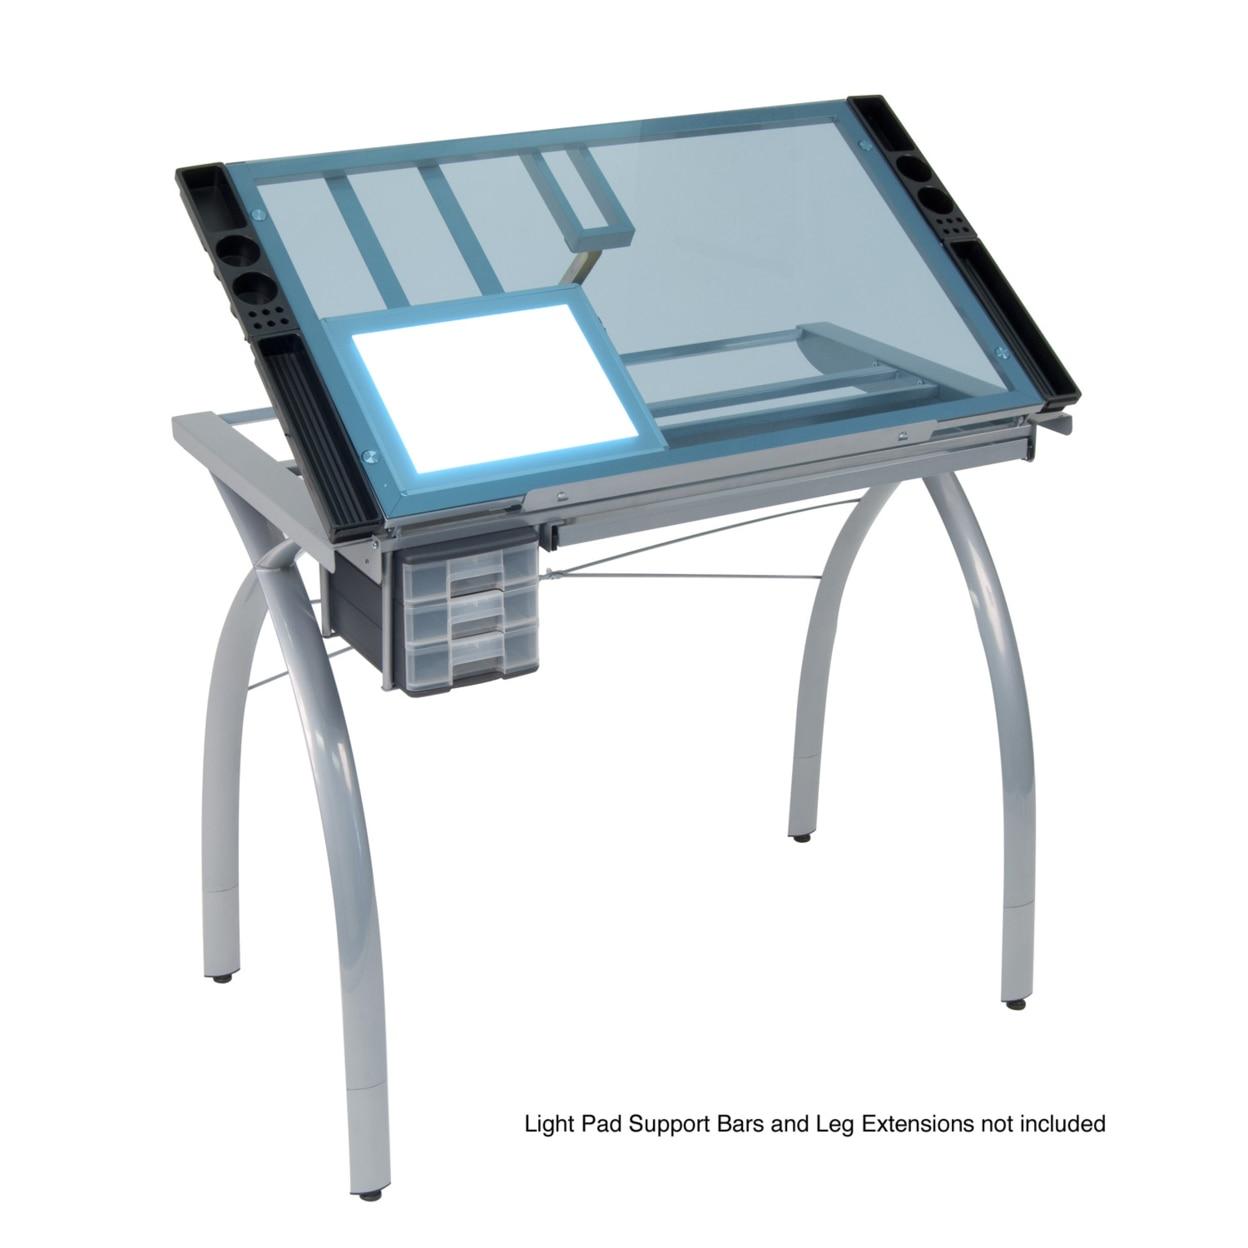 купить Craft Accents Folding Art & Craft Table - Silver / Blue Glass дешево